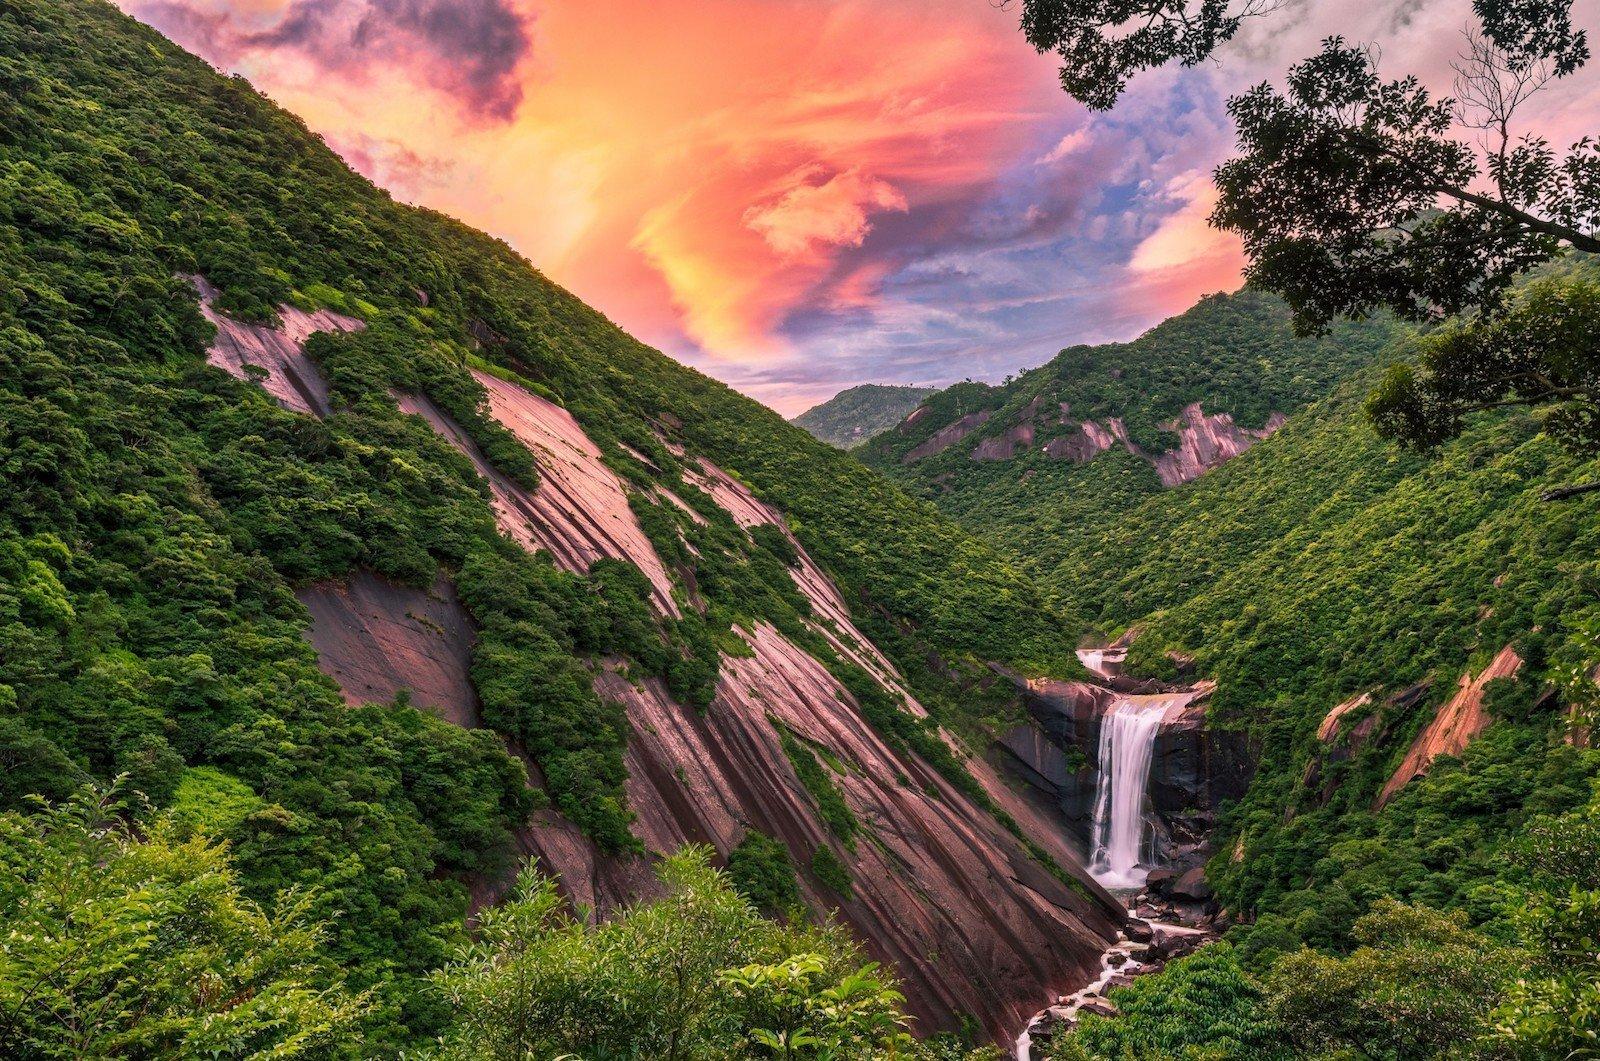 Остров Якусима, Япония красивые места, мир, природа, путешествия, сказка